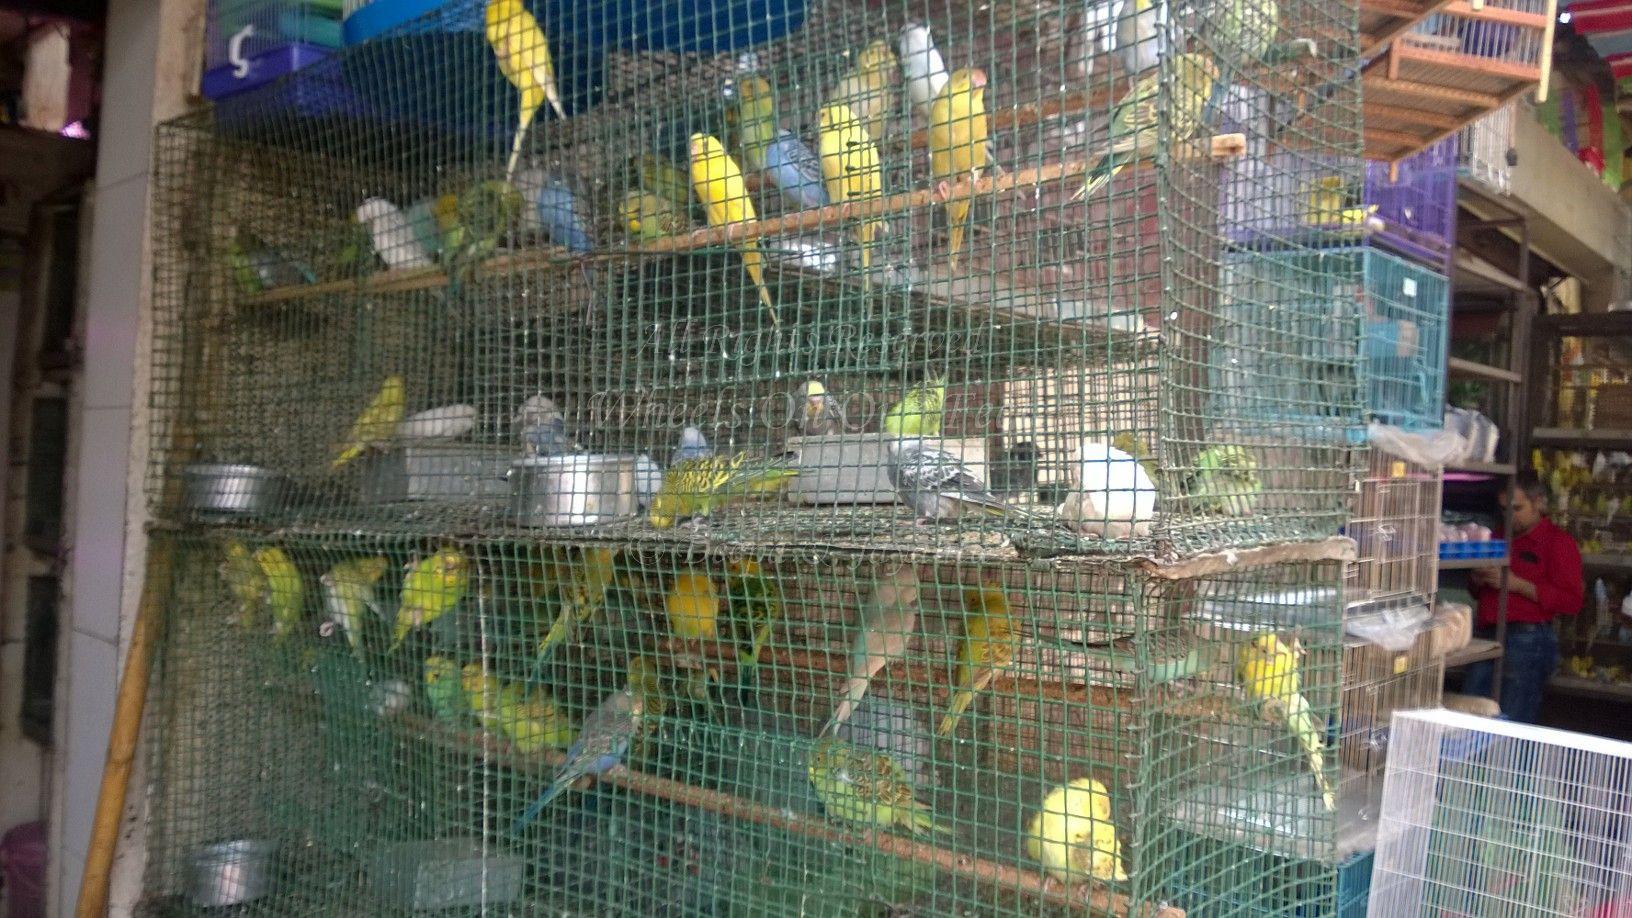 Fish aquarium market in delhi - Are